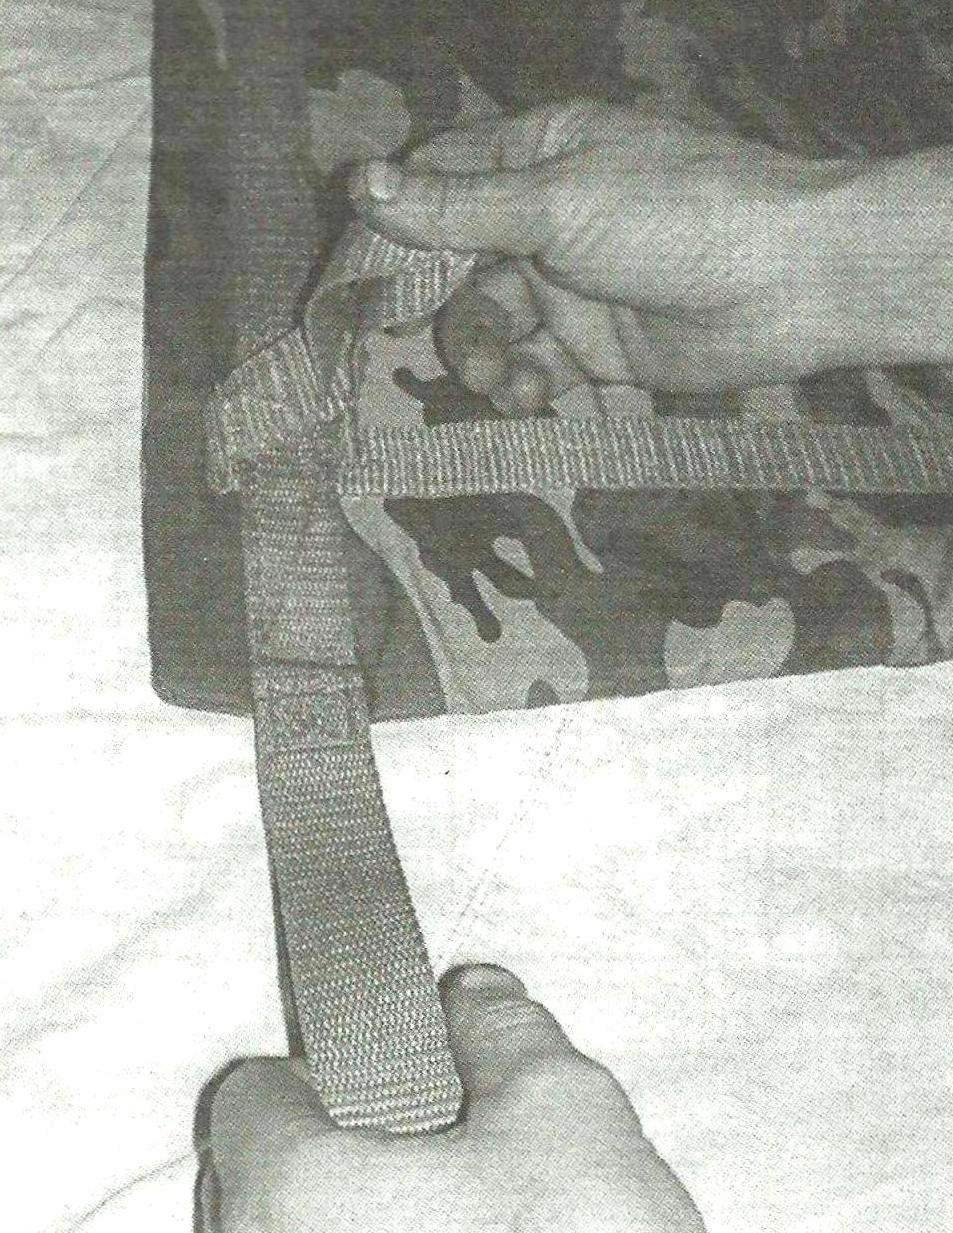 Фото 5. Петли-стропы